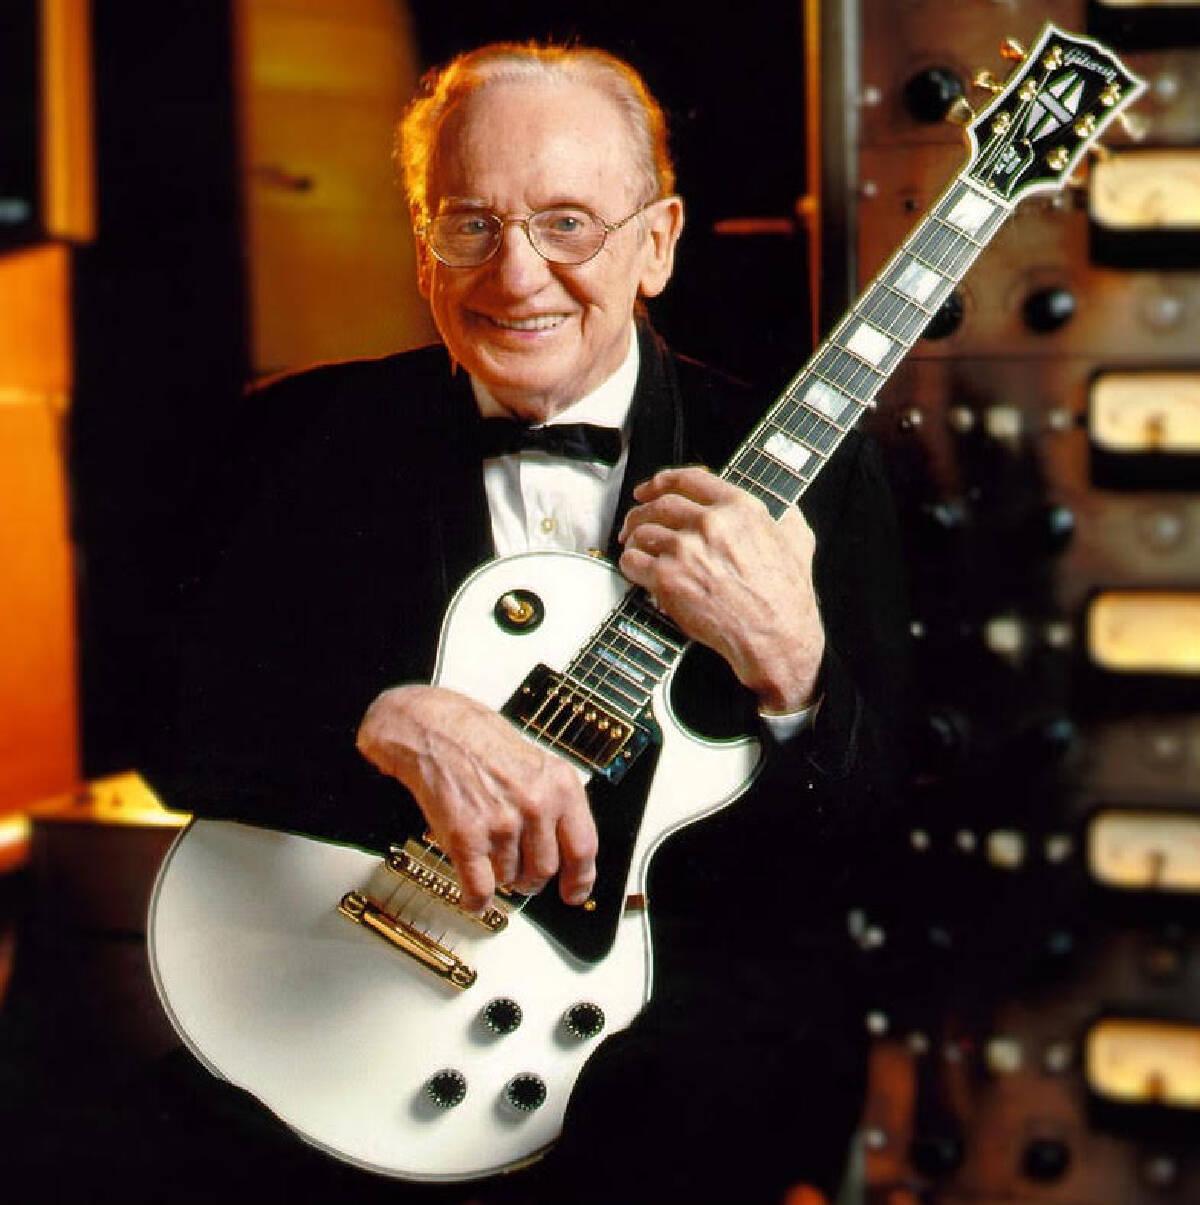 Les Paul และกีตาร์ Gibson Les Paul และเครื่องบันทึกเสียง 8 Track